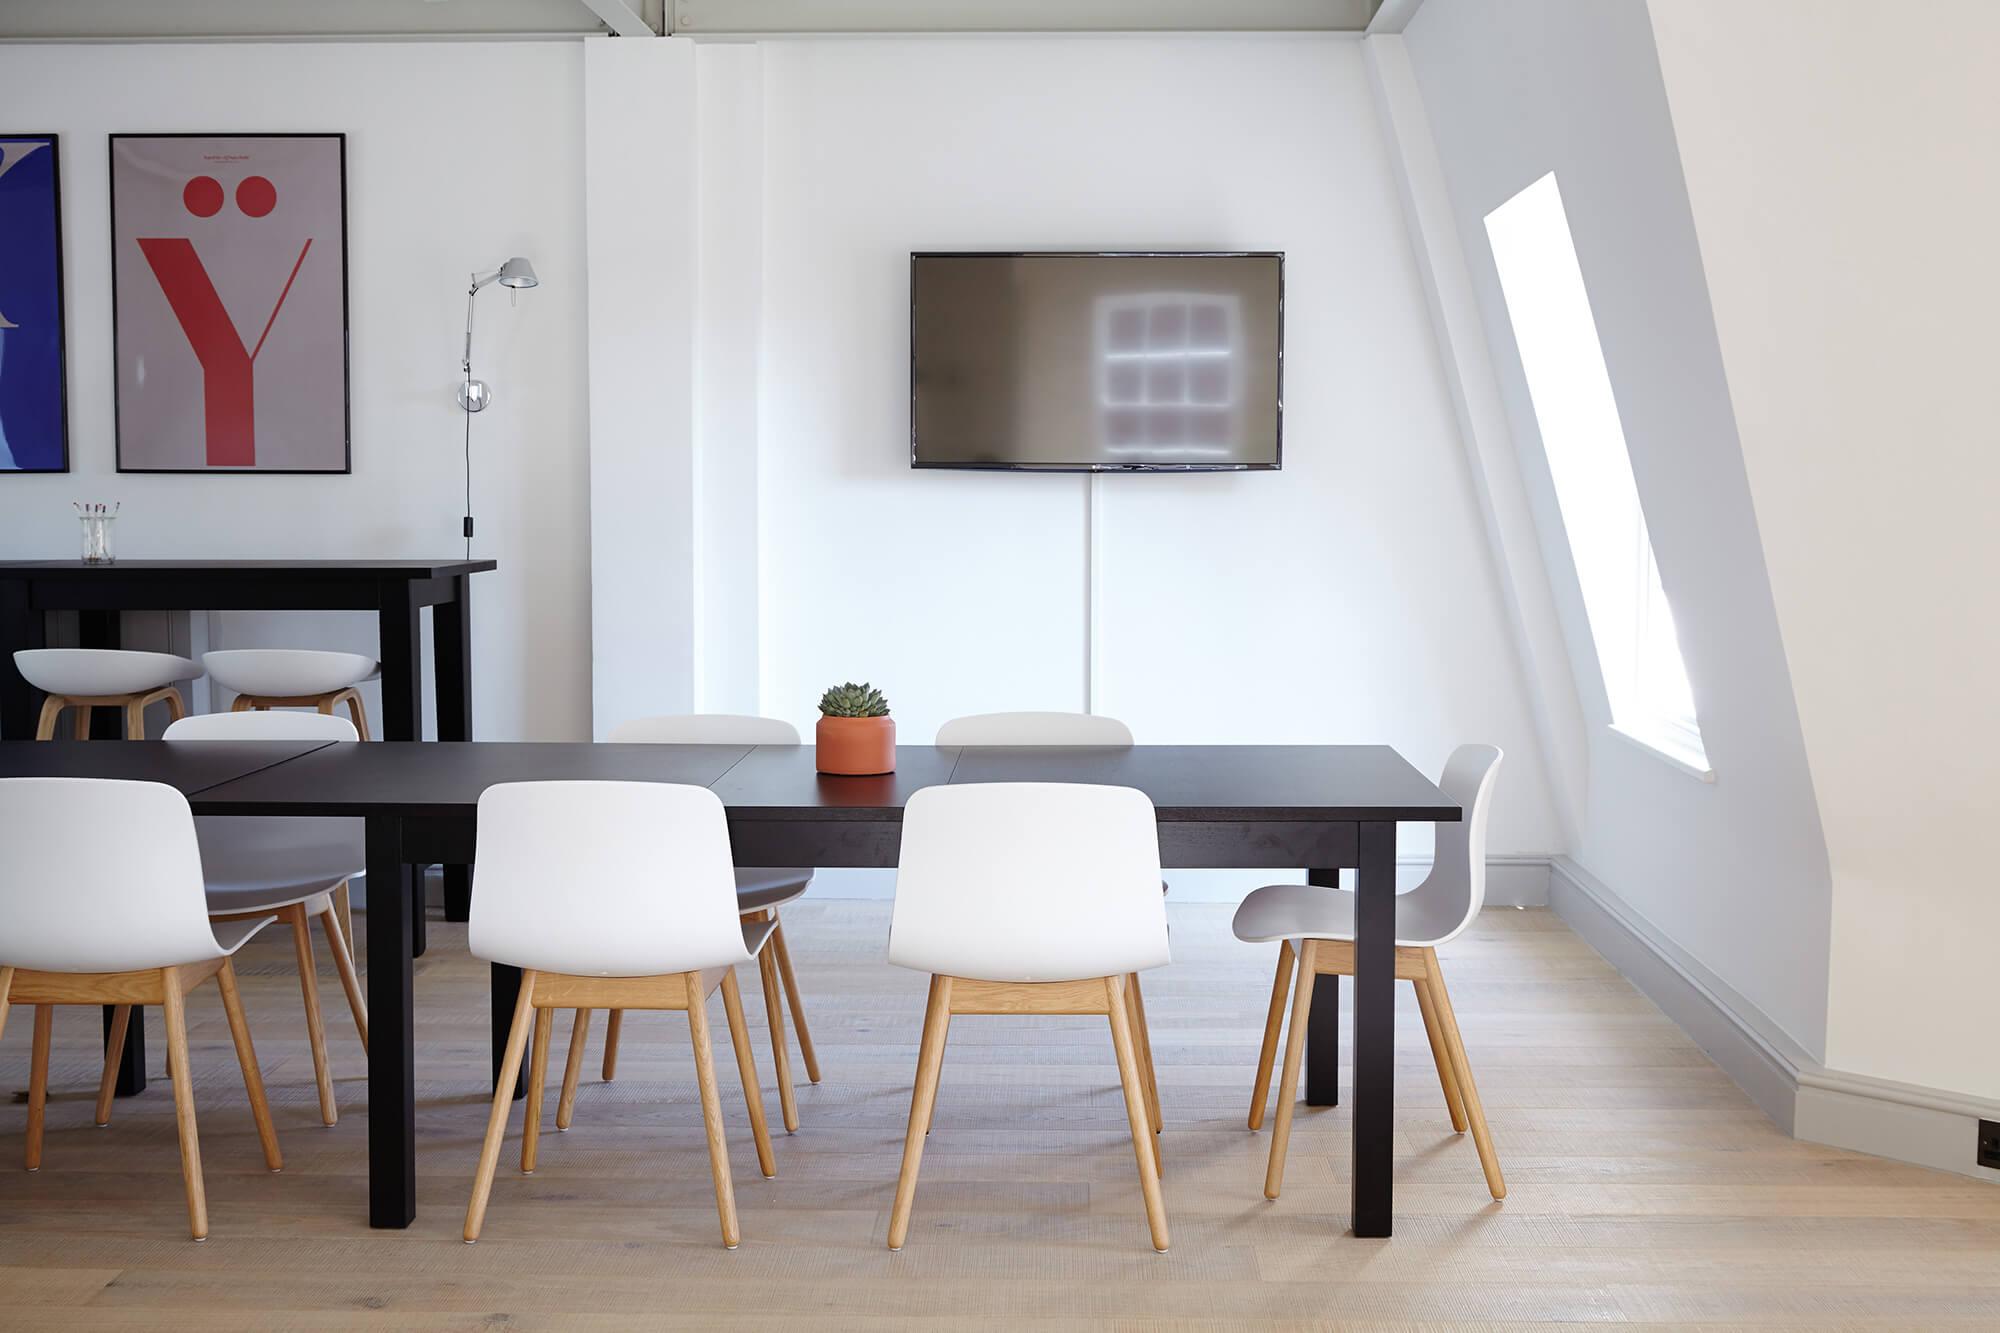 eigentumswohnung so einfach die eigenen vier w nde finanzieren waldecker bank eg. Black Bedroom Furniture Sets. Home Design Ideas